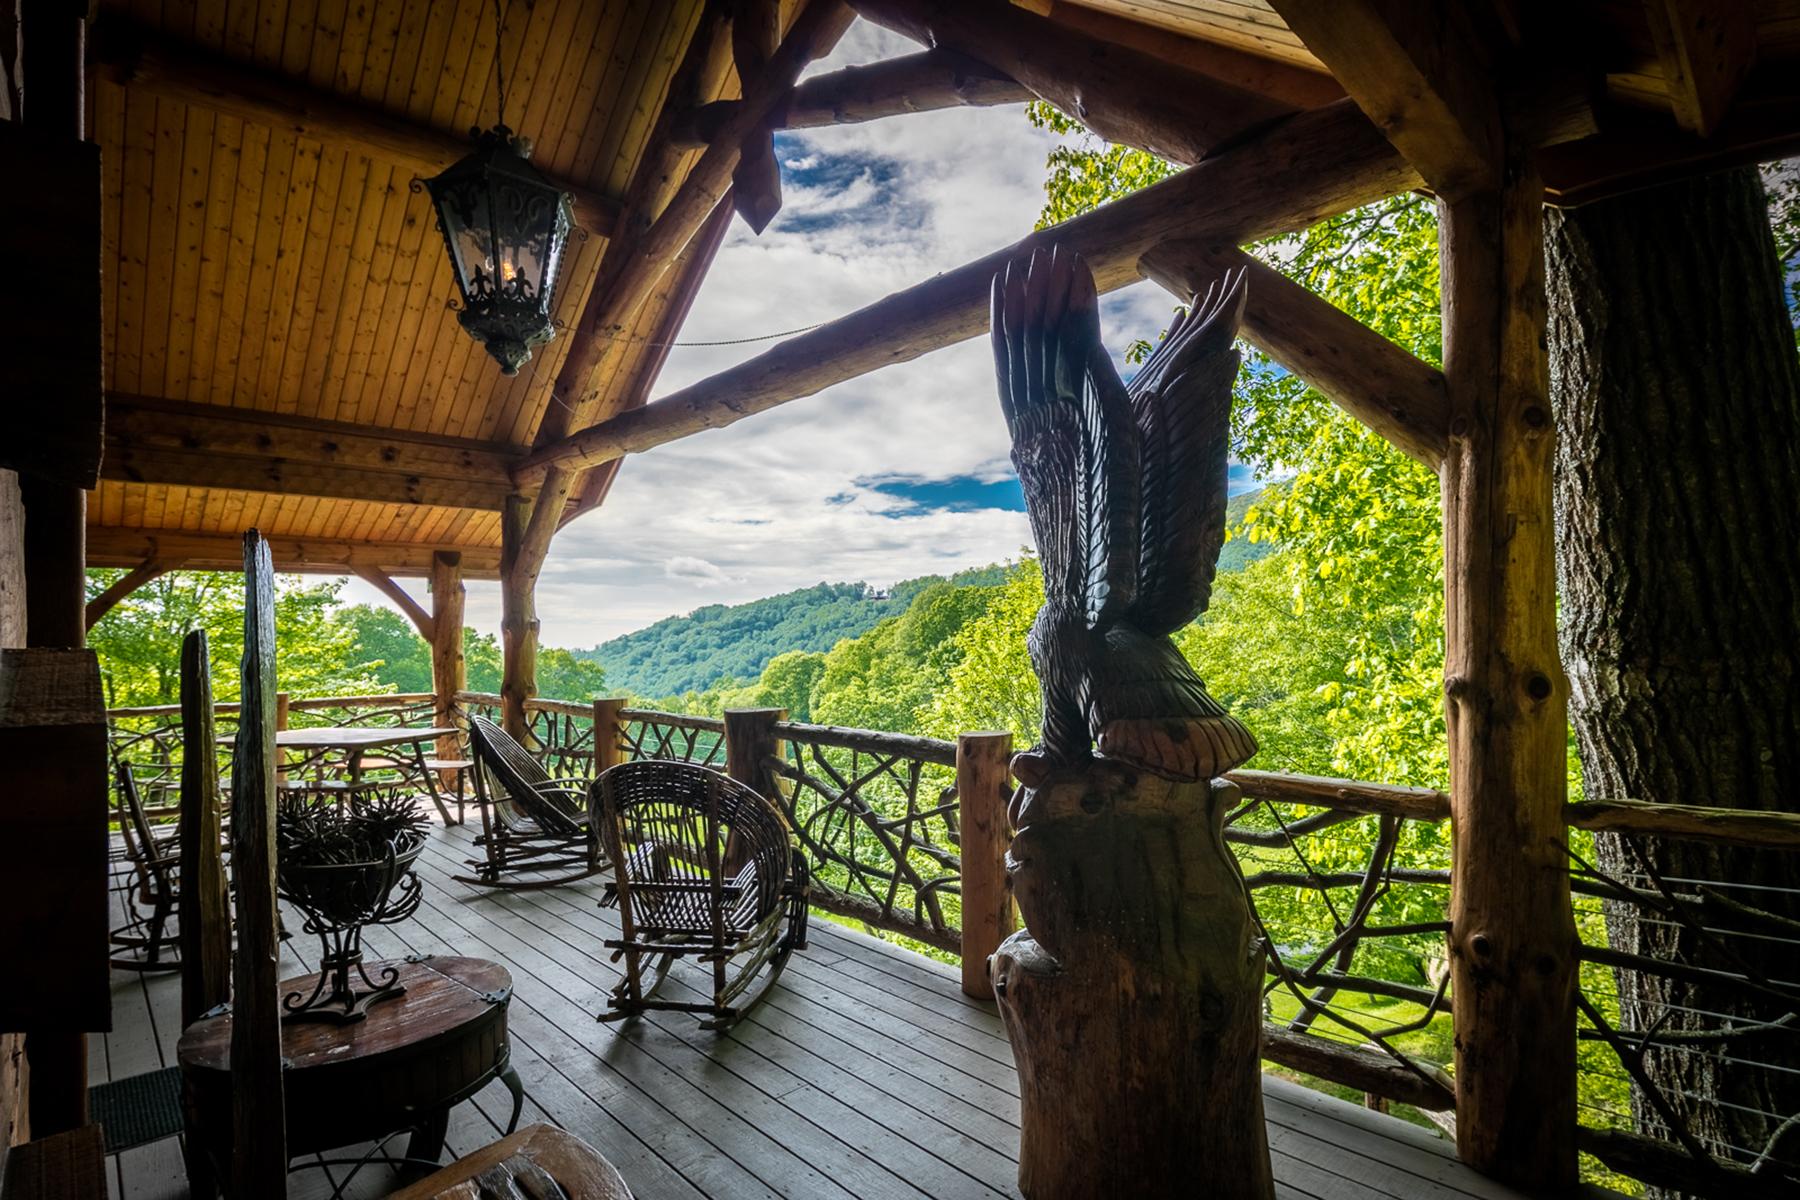 Single Family Home for Sale at BANNER ELK 272 Lois Lane Banner Elk, North Carolina, 28604 United States